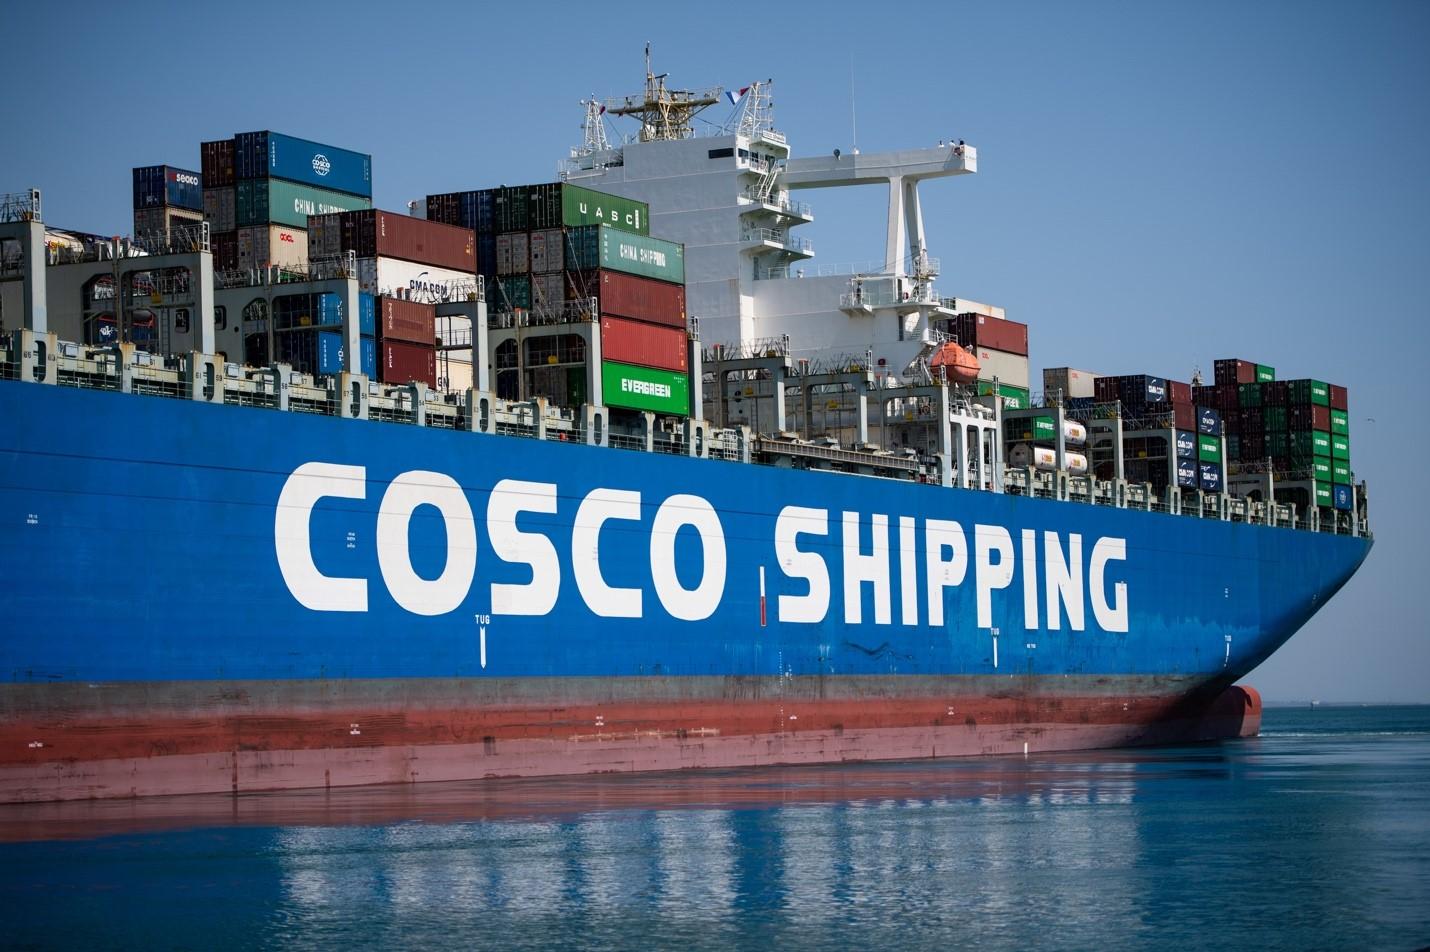 Một bức ảnh được chụp vào ngày 23 tháng 7 năm 2020 cho thấy tàu chở hàng COSCO Shipping rời bến EuroFos tại cảng Fos-Sur-Mer, ở Marseille, miền nam nước Pháp. Với sự hậu thuẫn của chính phủ, COSCO được thành lập từ sự hợp nhất giữa hai tập đoàn vận chuyển hàng hải trong các tập đoàn lớn nhất của Trung Quốc vào năm 2016, tạo ra công ty vận chuyển hàng hải lớn thứ ba trên thế giới.